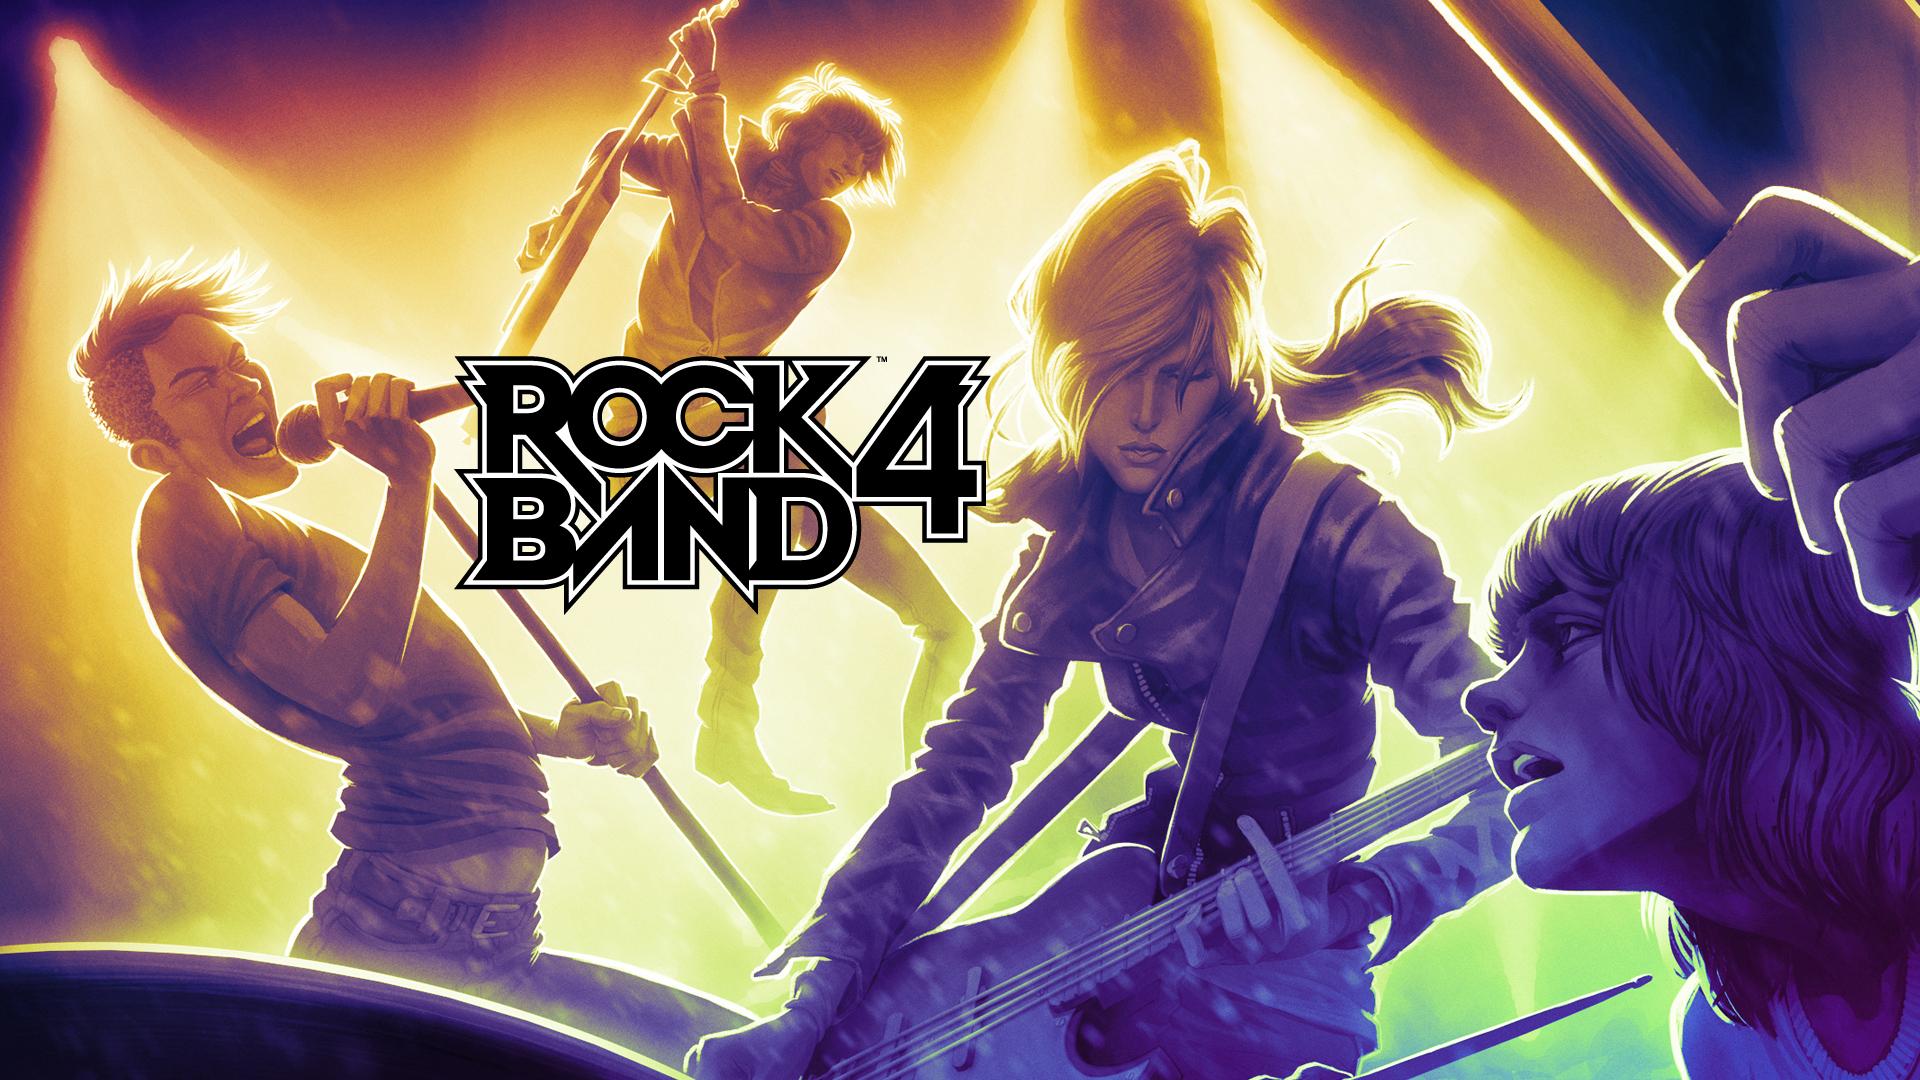 Rock Band 2 - GameSpot